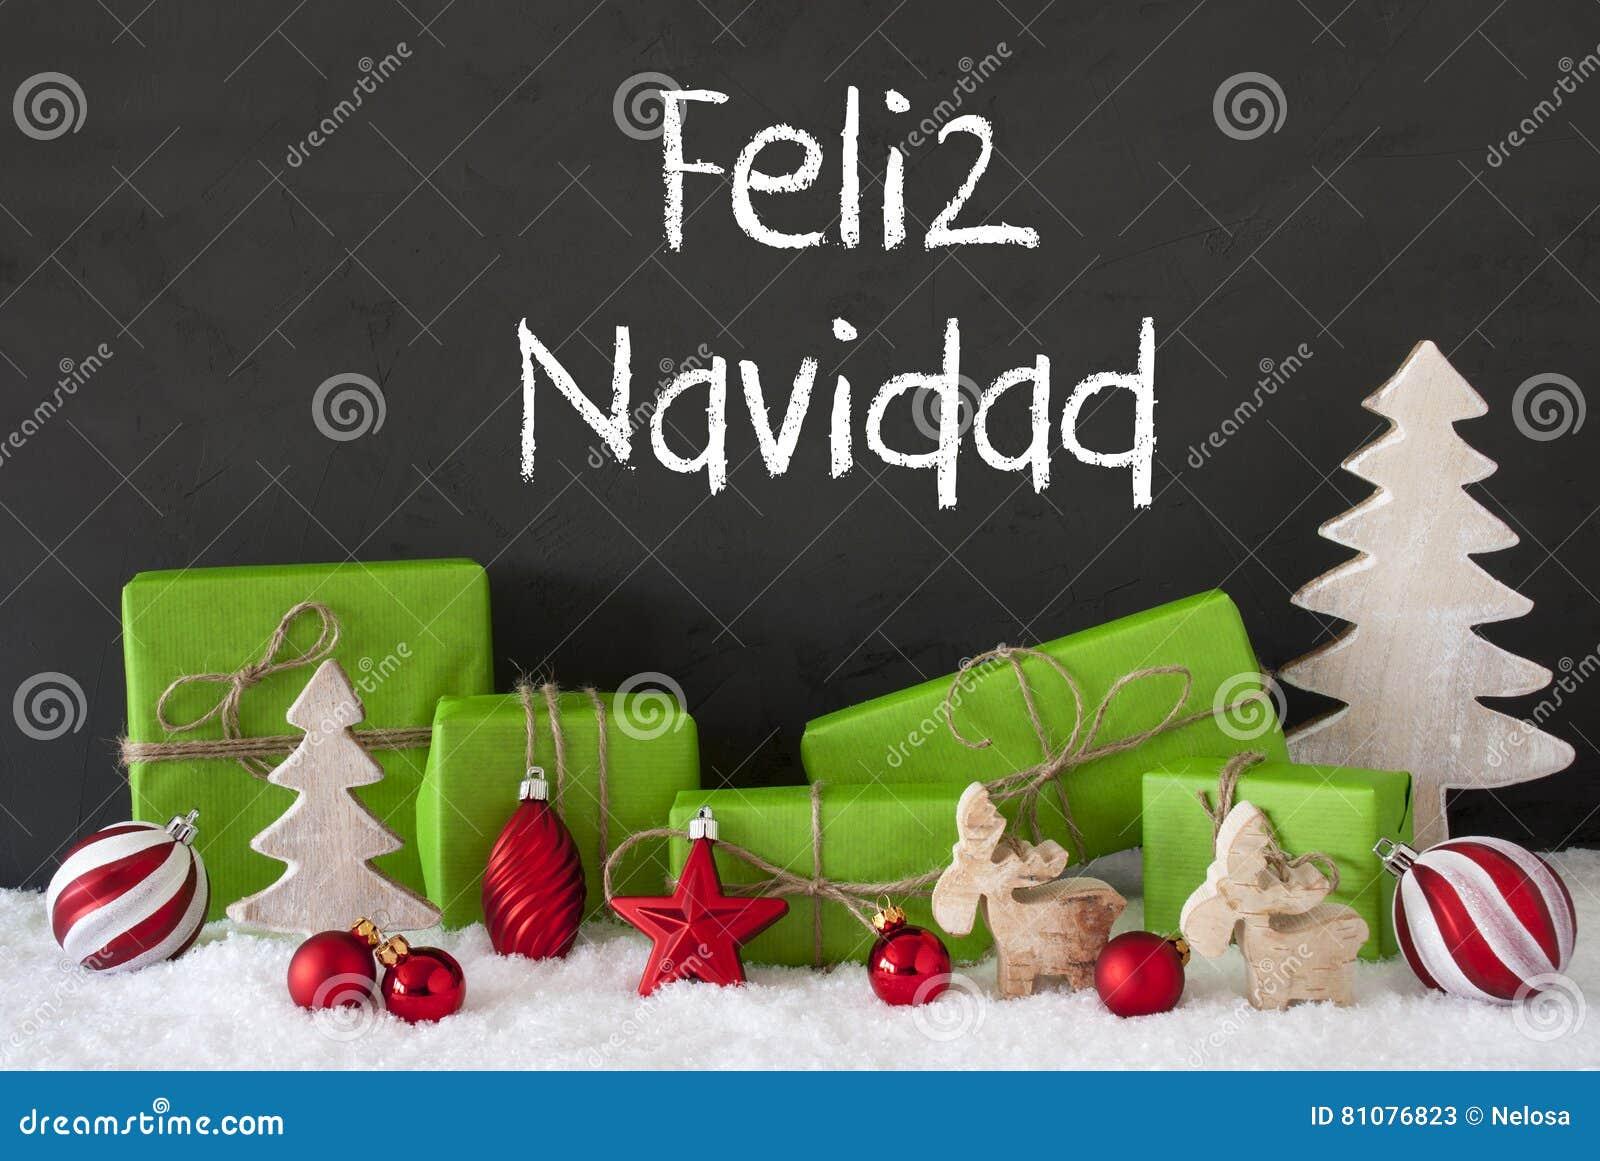 Decoración, cemento, nieve, Feliz Navidad Means Merry Christmas